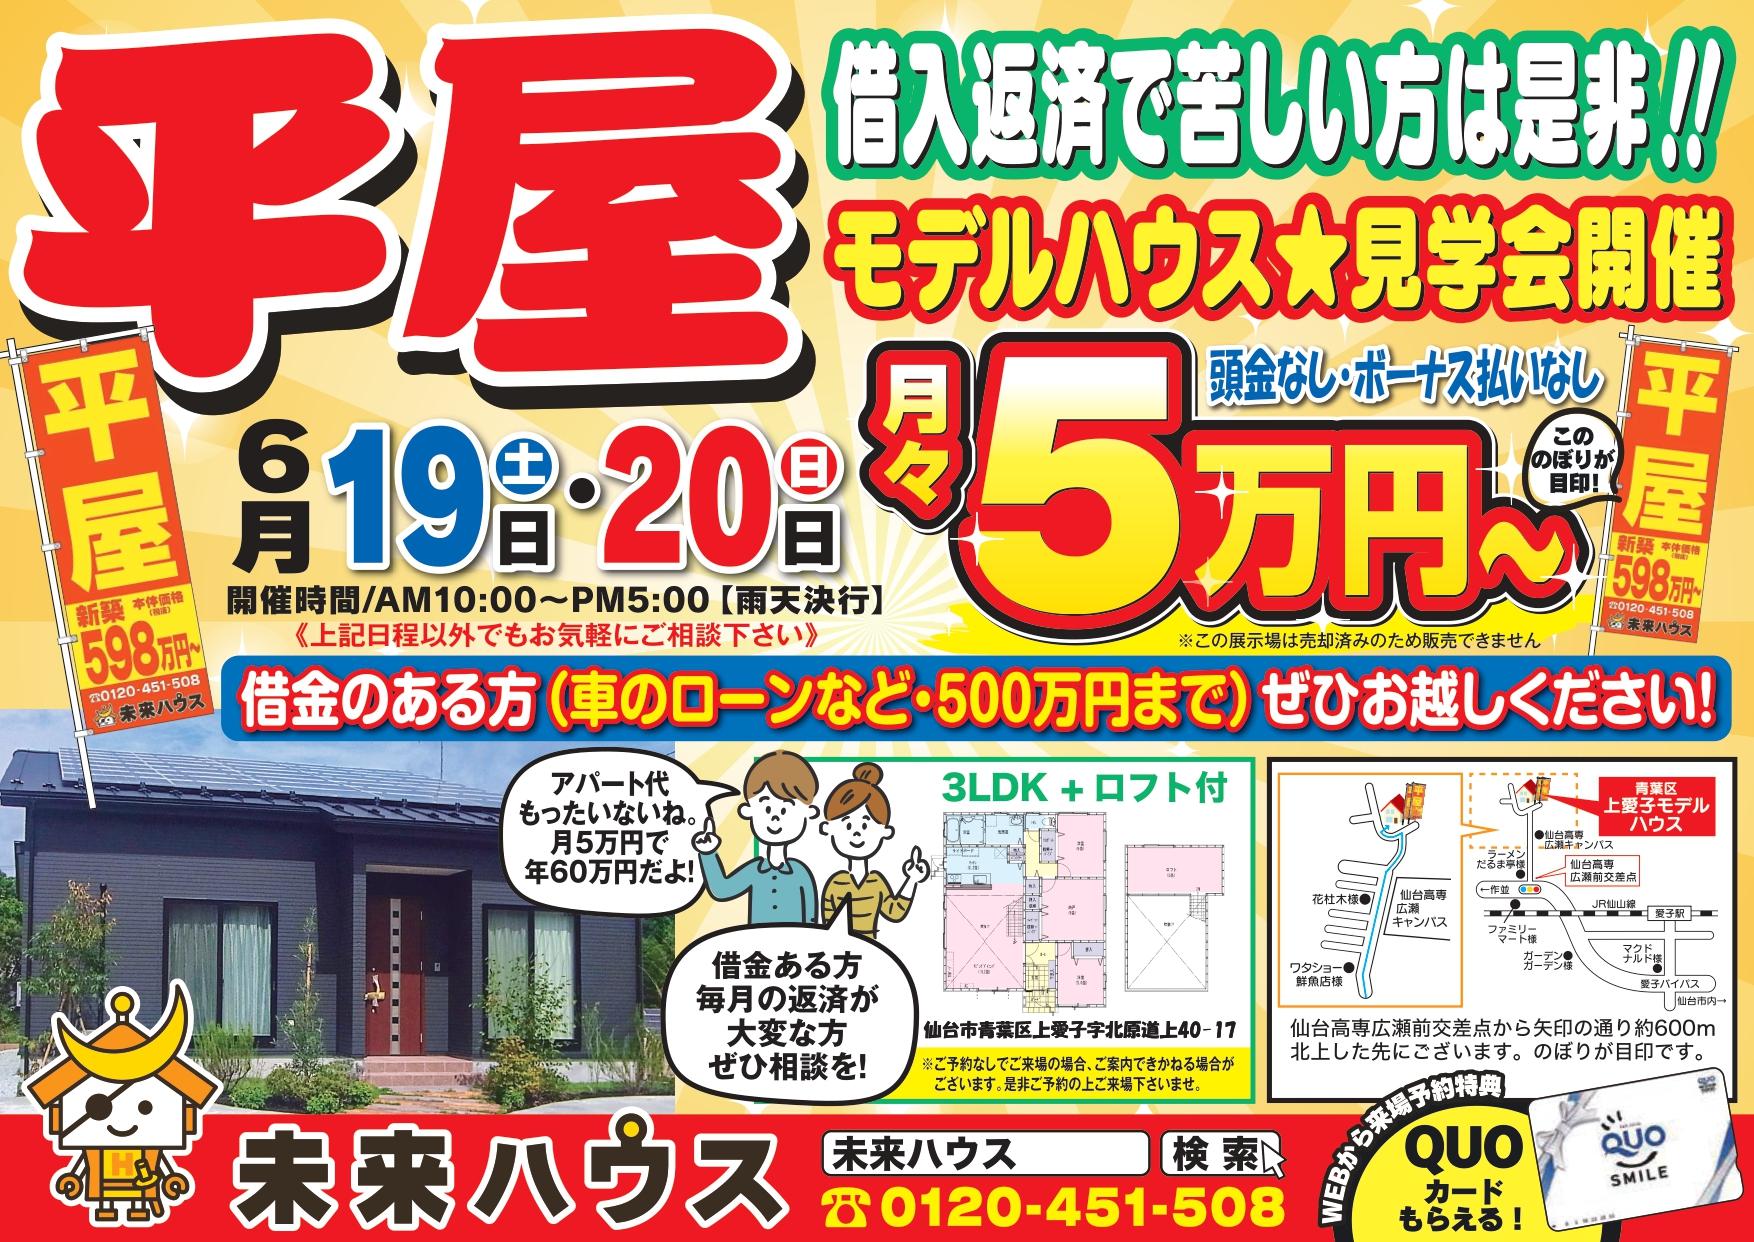 6月19日(土)・20日(日) 上愛子平屋モデルハウス